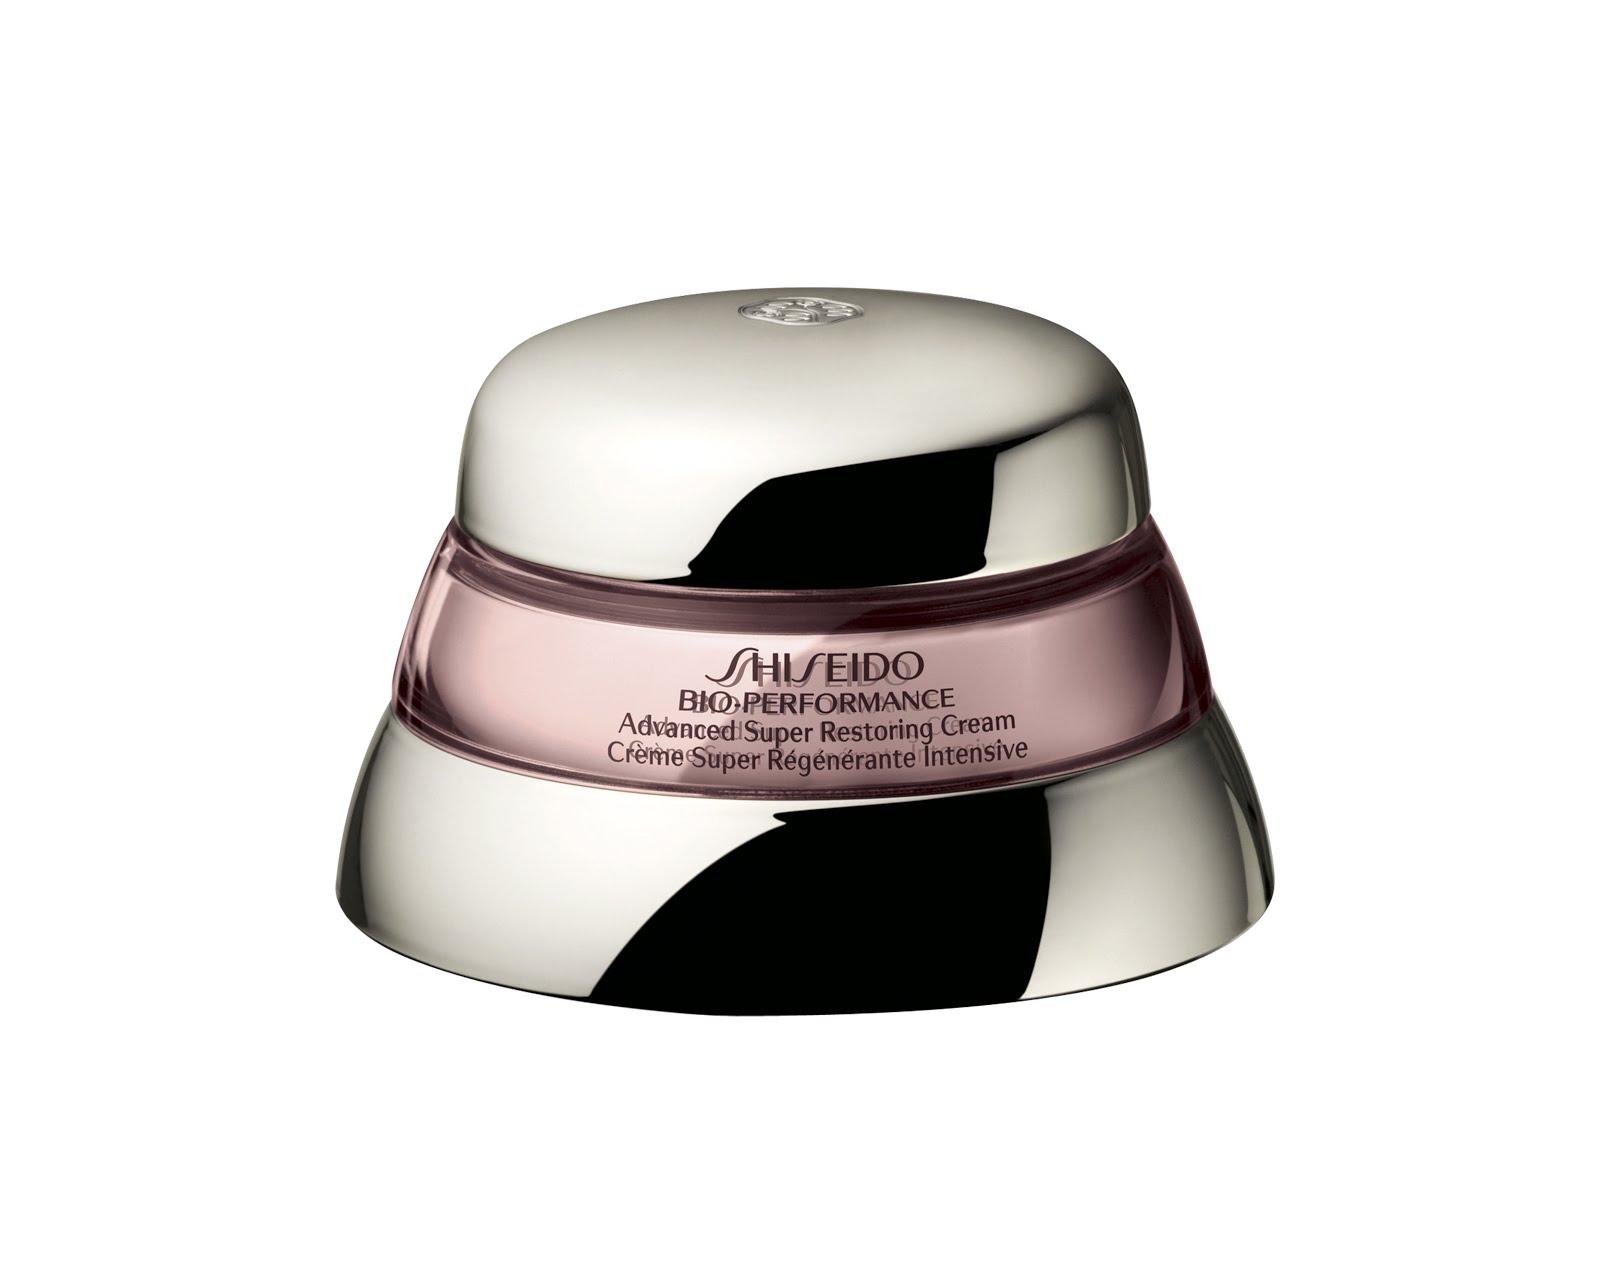 Shiseido y sus descubrimientos sobre células madre y su envejecimiento